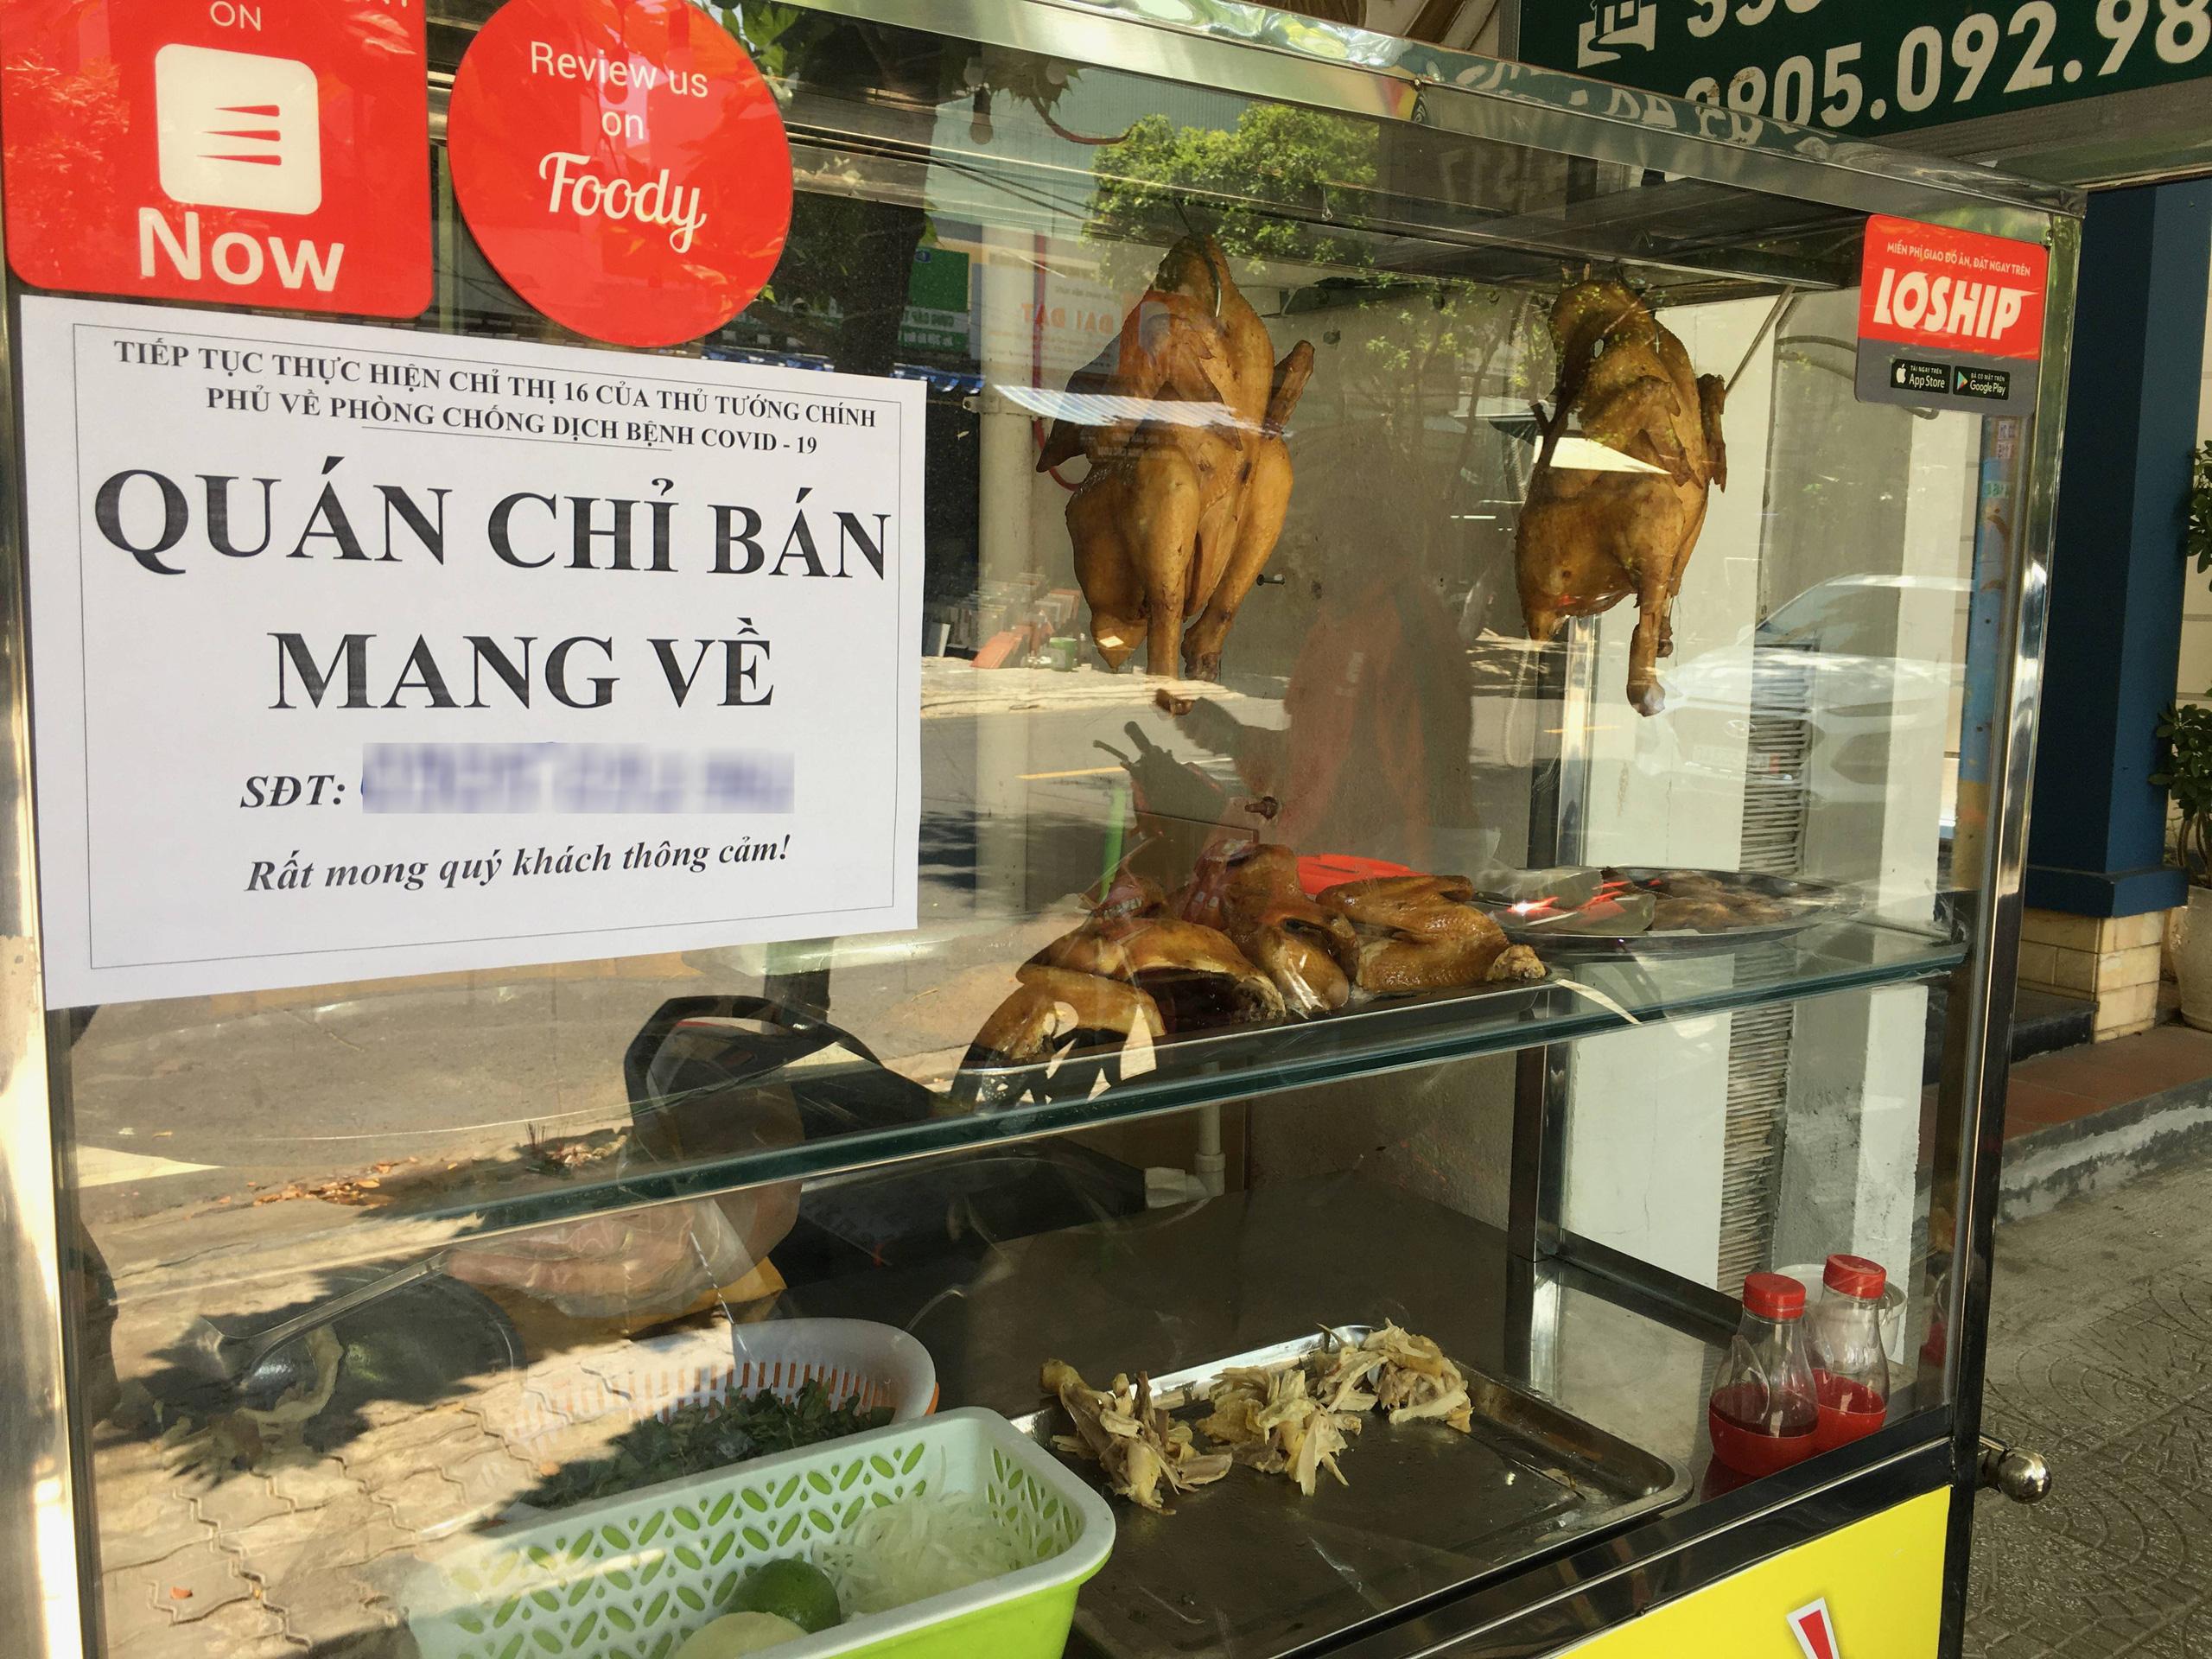 Đà Nẵng cấm tắm biển, khuyến khích bán đồ ăn mang đi - Ảnh 1.